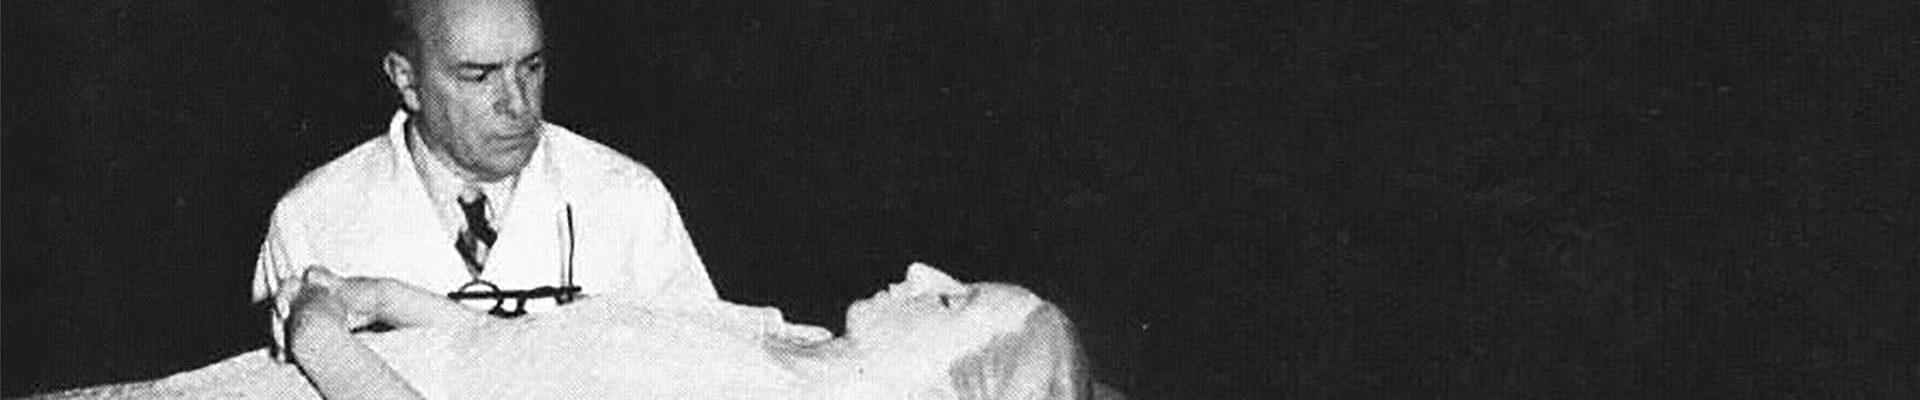 Un cuerpo de parafina